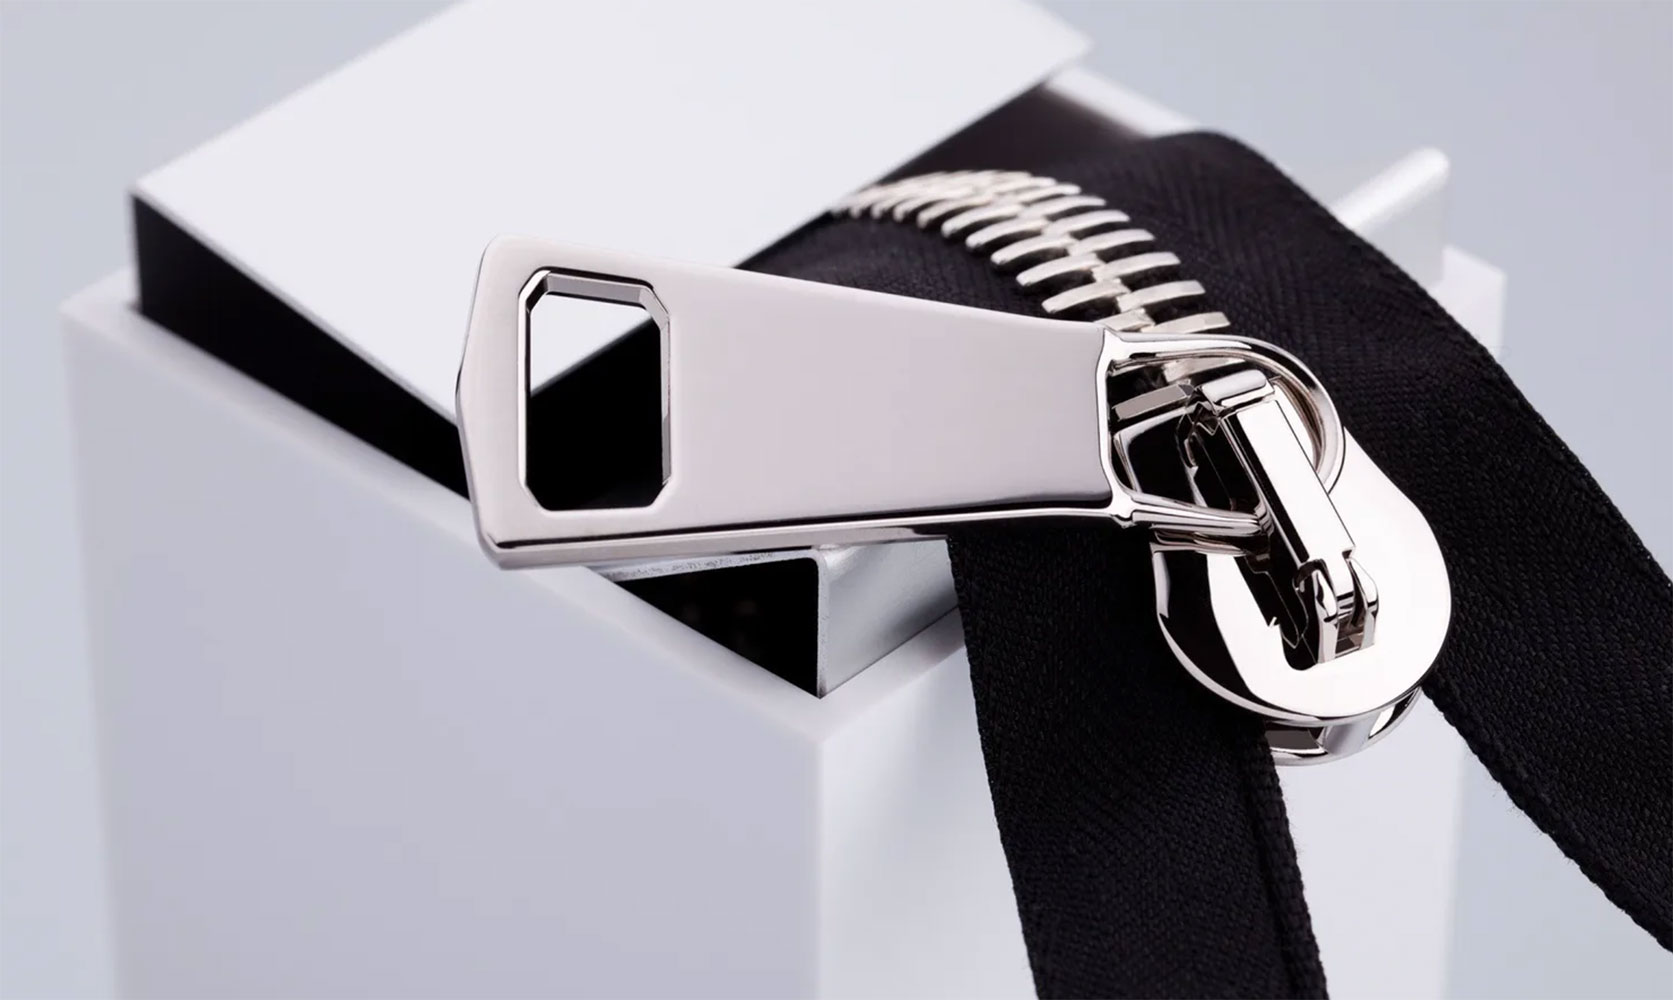 Dây khóa kéo: Chi tiết giúp phân biệt túi xách thật – giả, sang – dổm. Ảnh: Raccagni